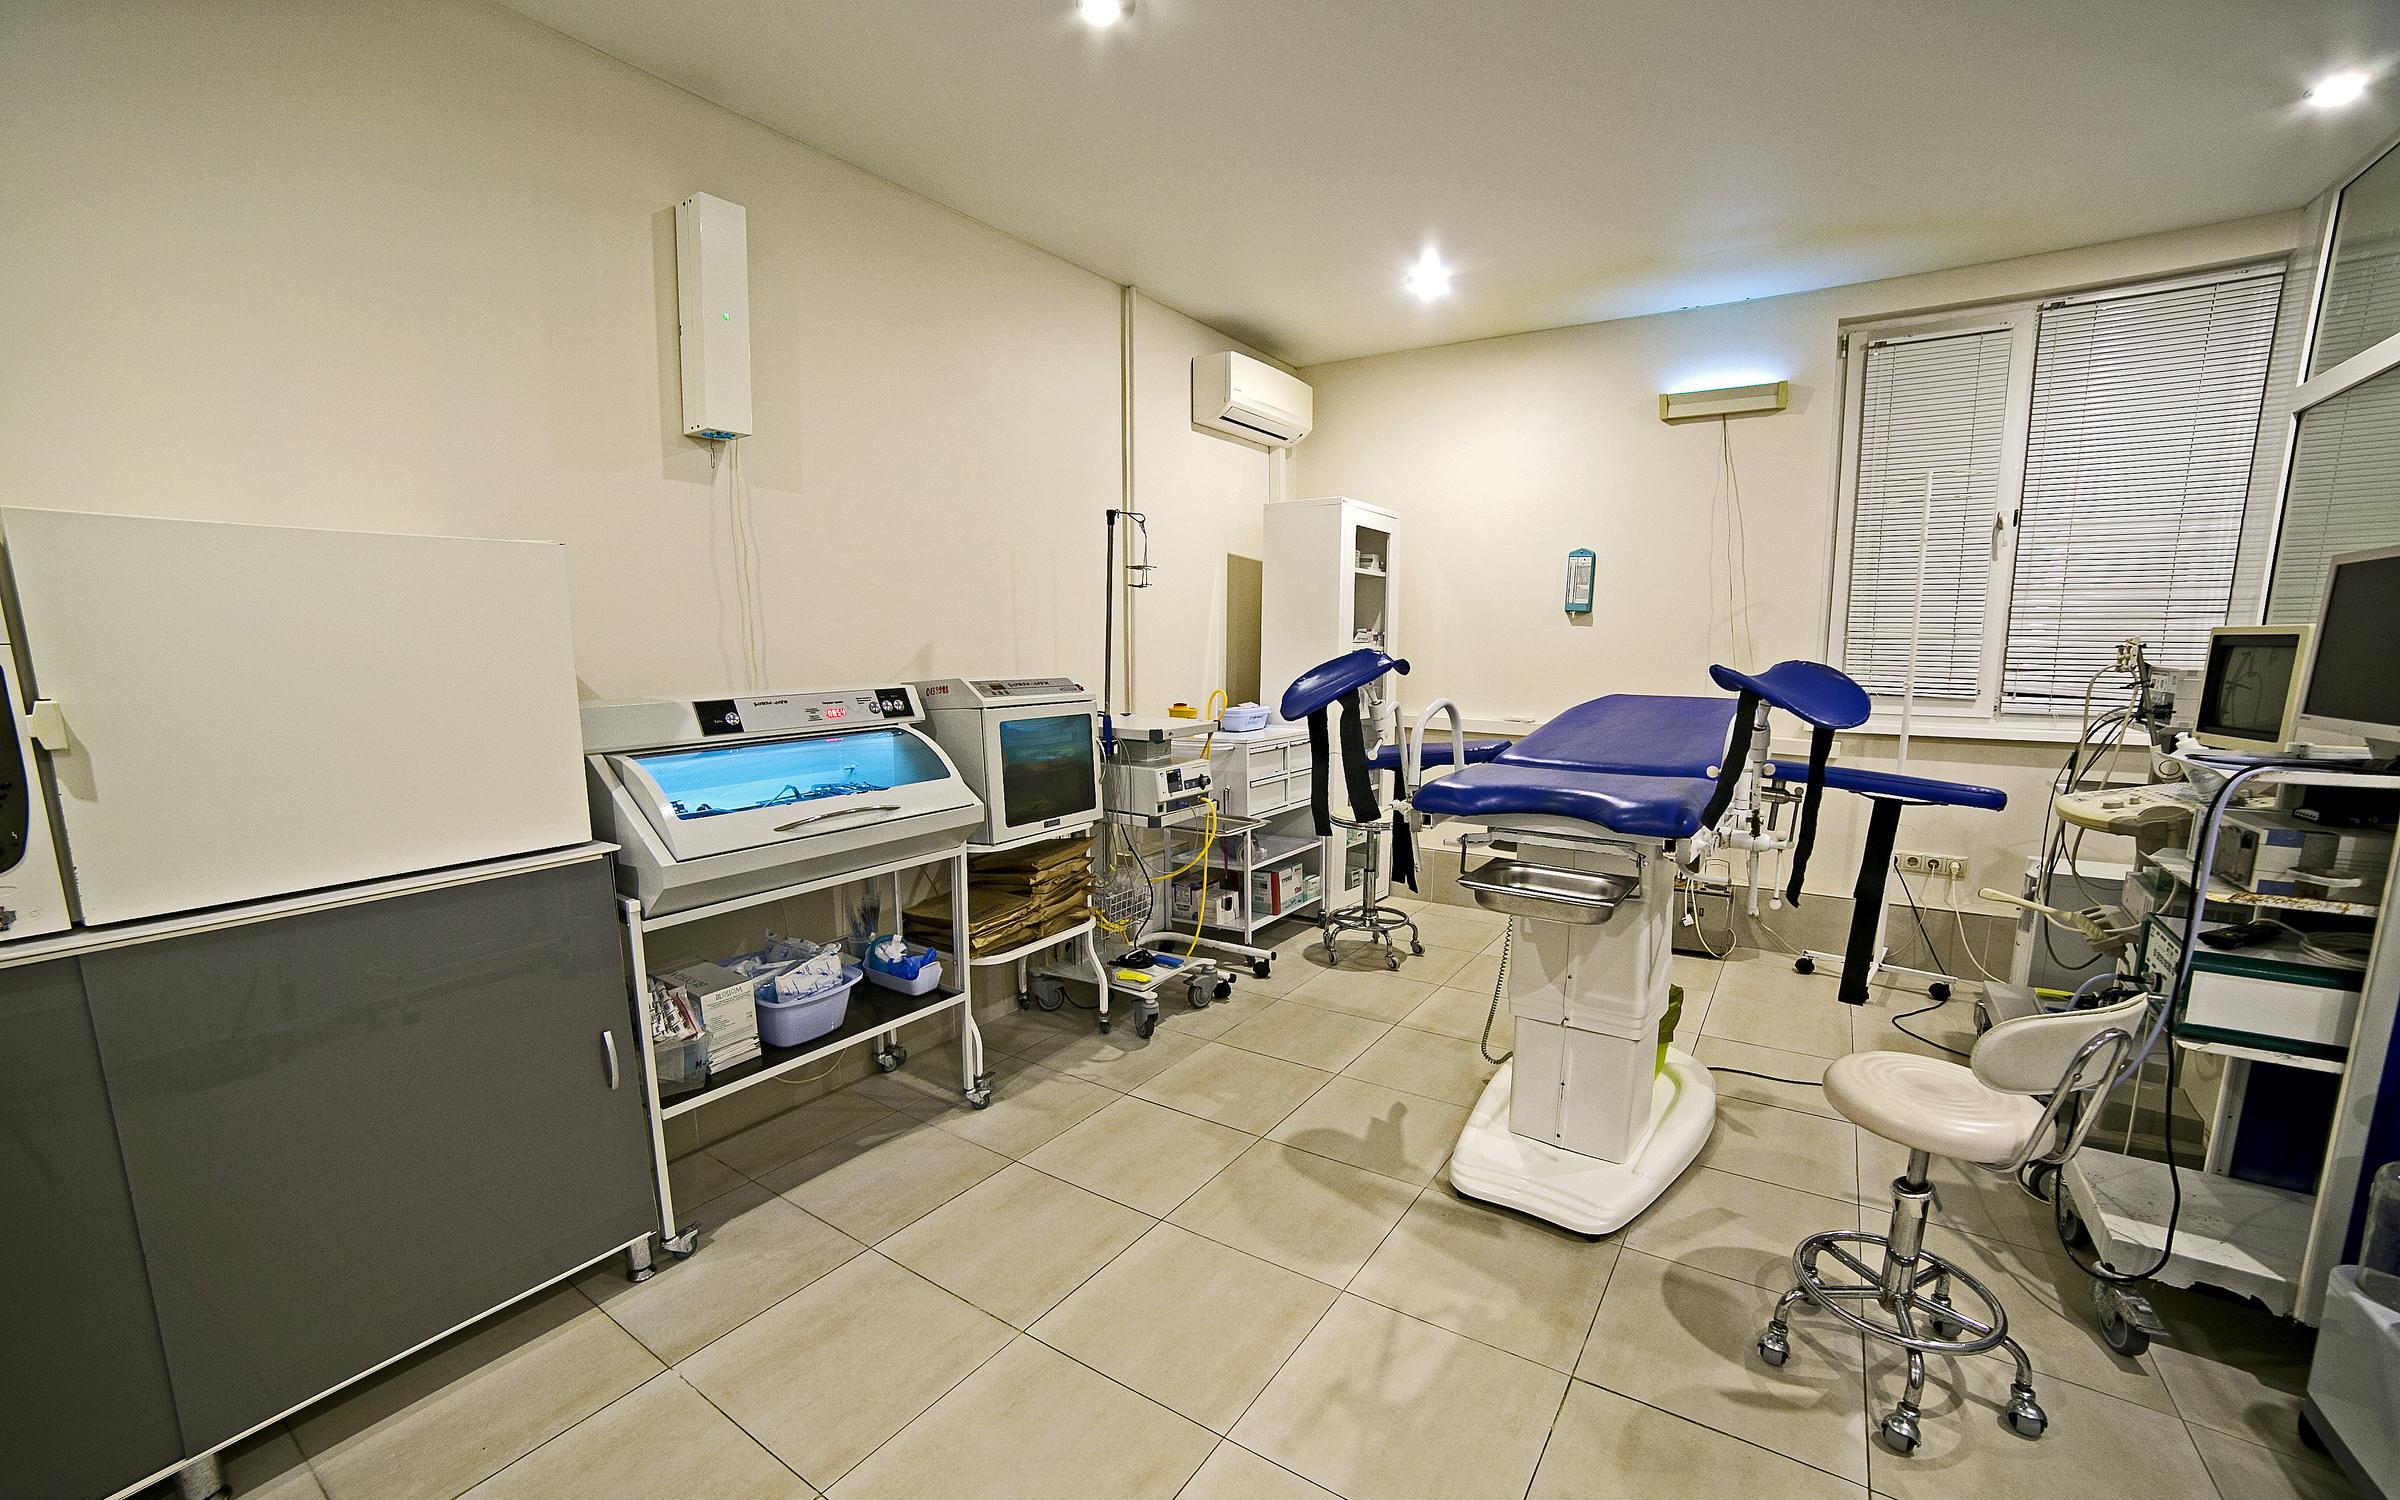 фотография Медицинского центра Здоровье на Пионерской улице